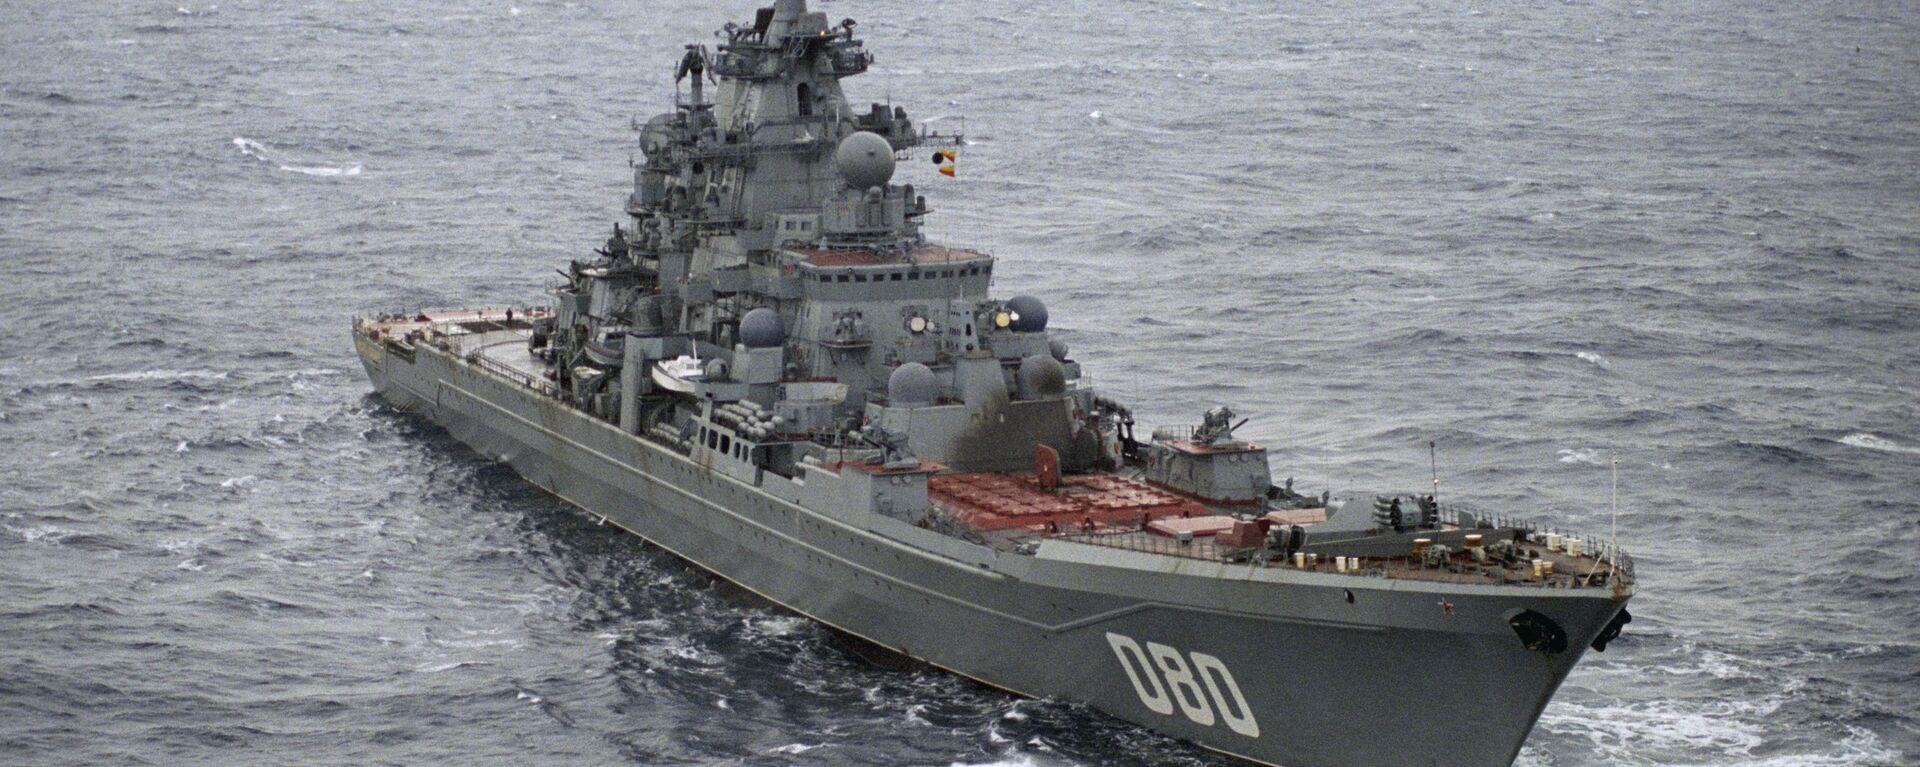 Crucero nuclear ruso Almirante Najimov (archivo) - Sputnik Mundo, 1920, 22.09.2021